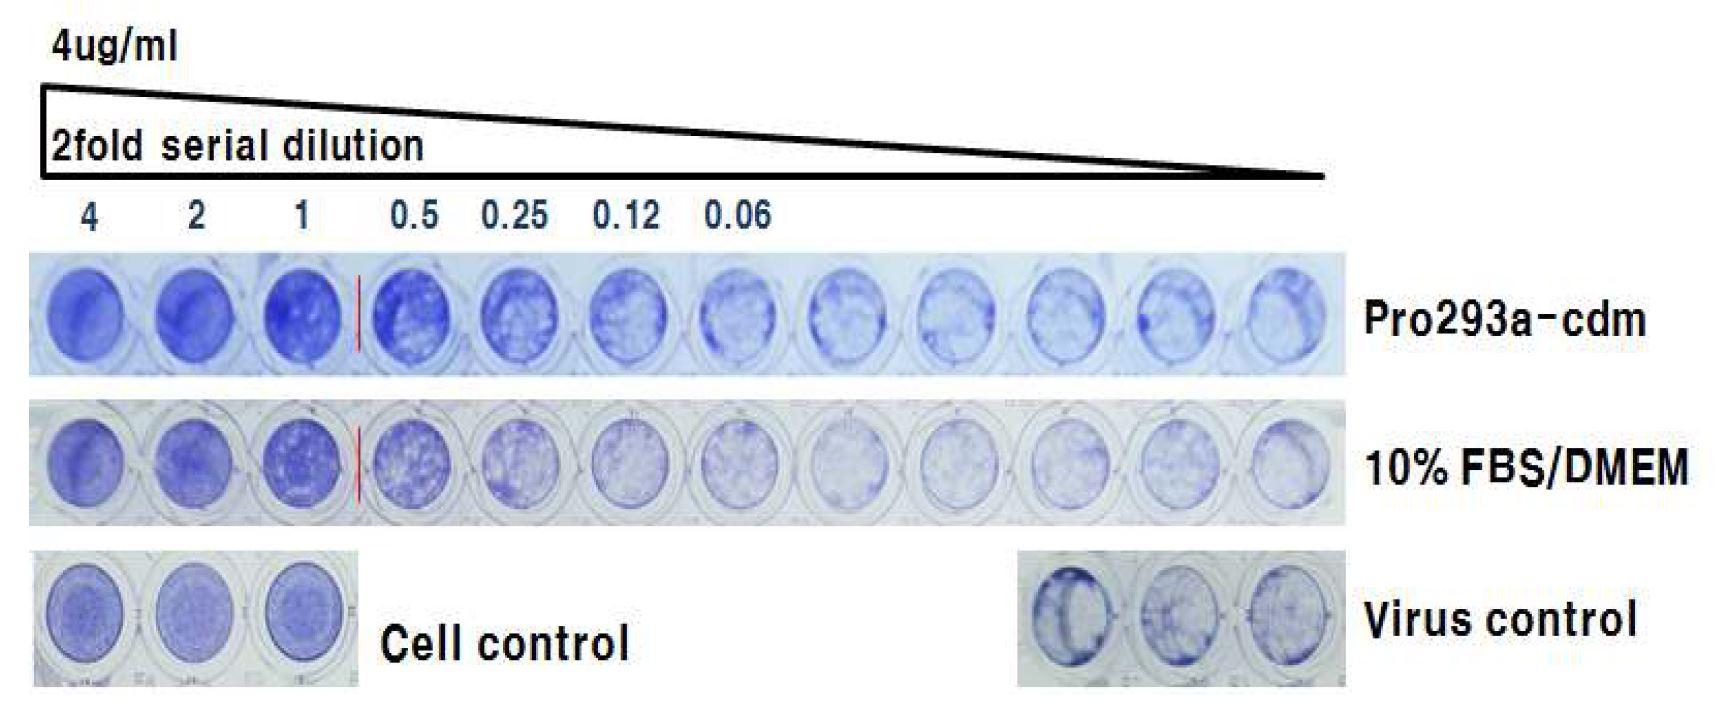 그림 60. 배양 배지 종류에 따른 HzVSF 활성 비교